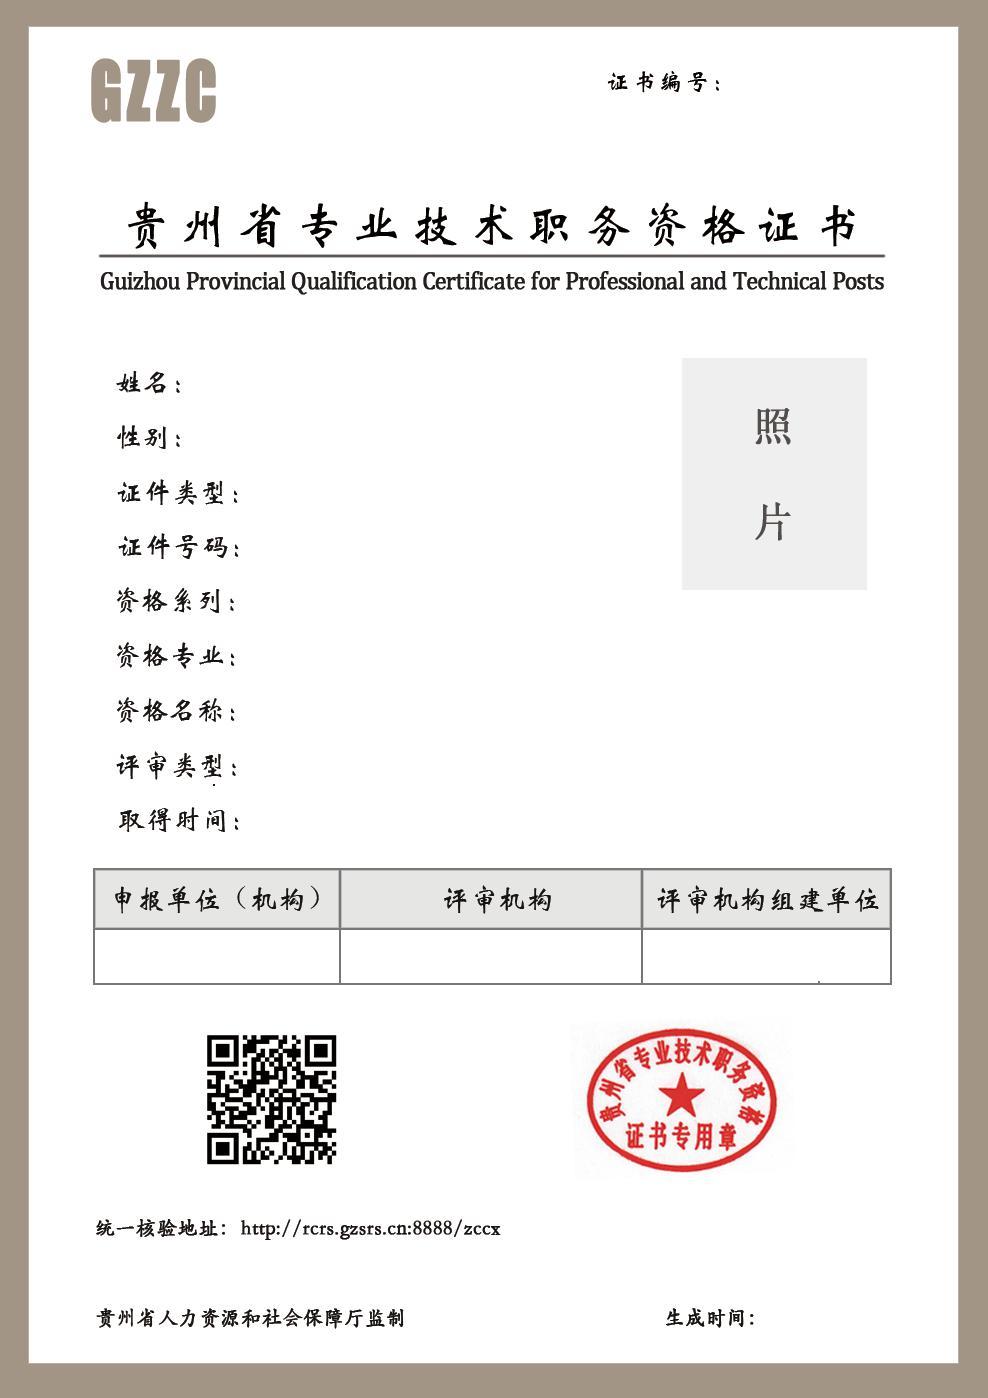 2020年起贵州全面推行初级经济师电子职称证书